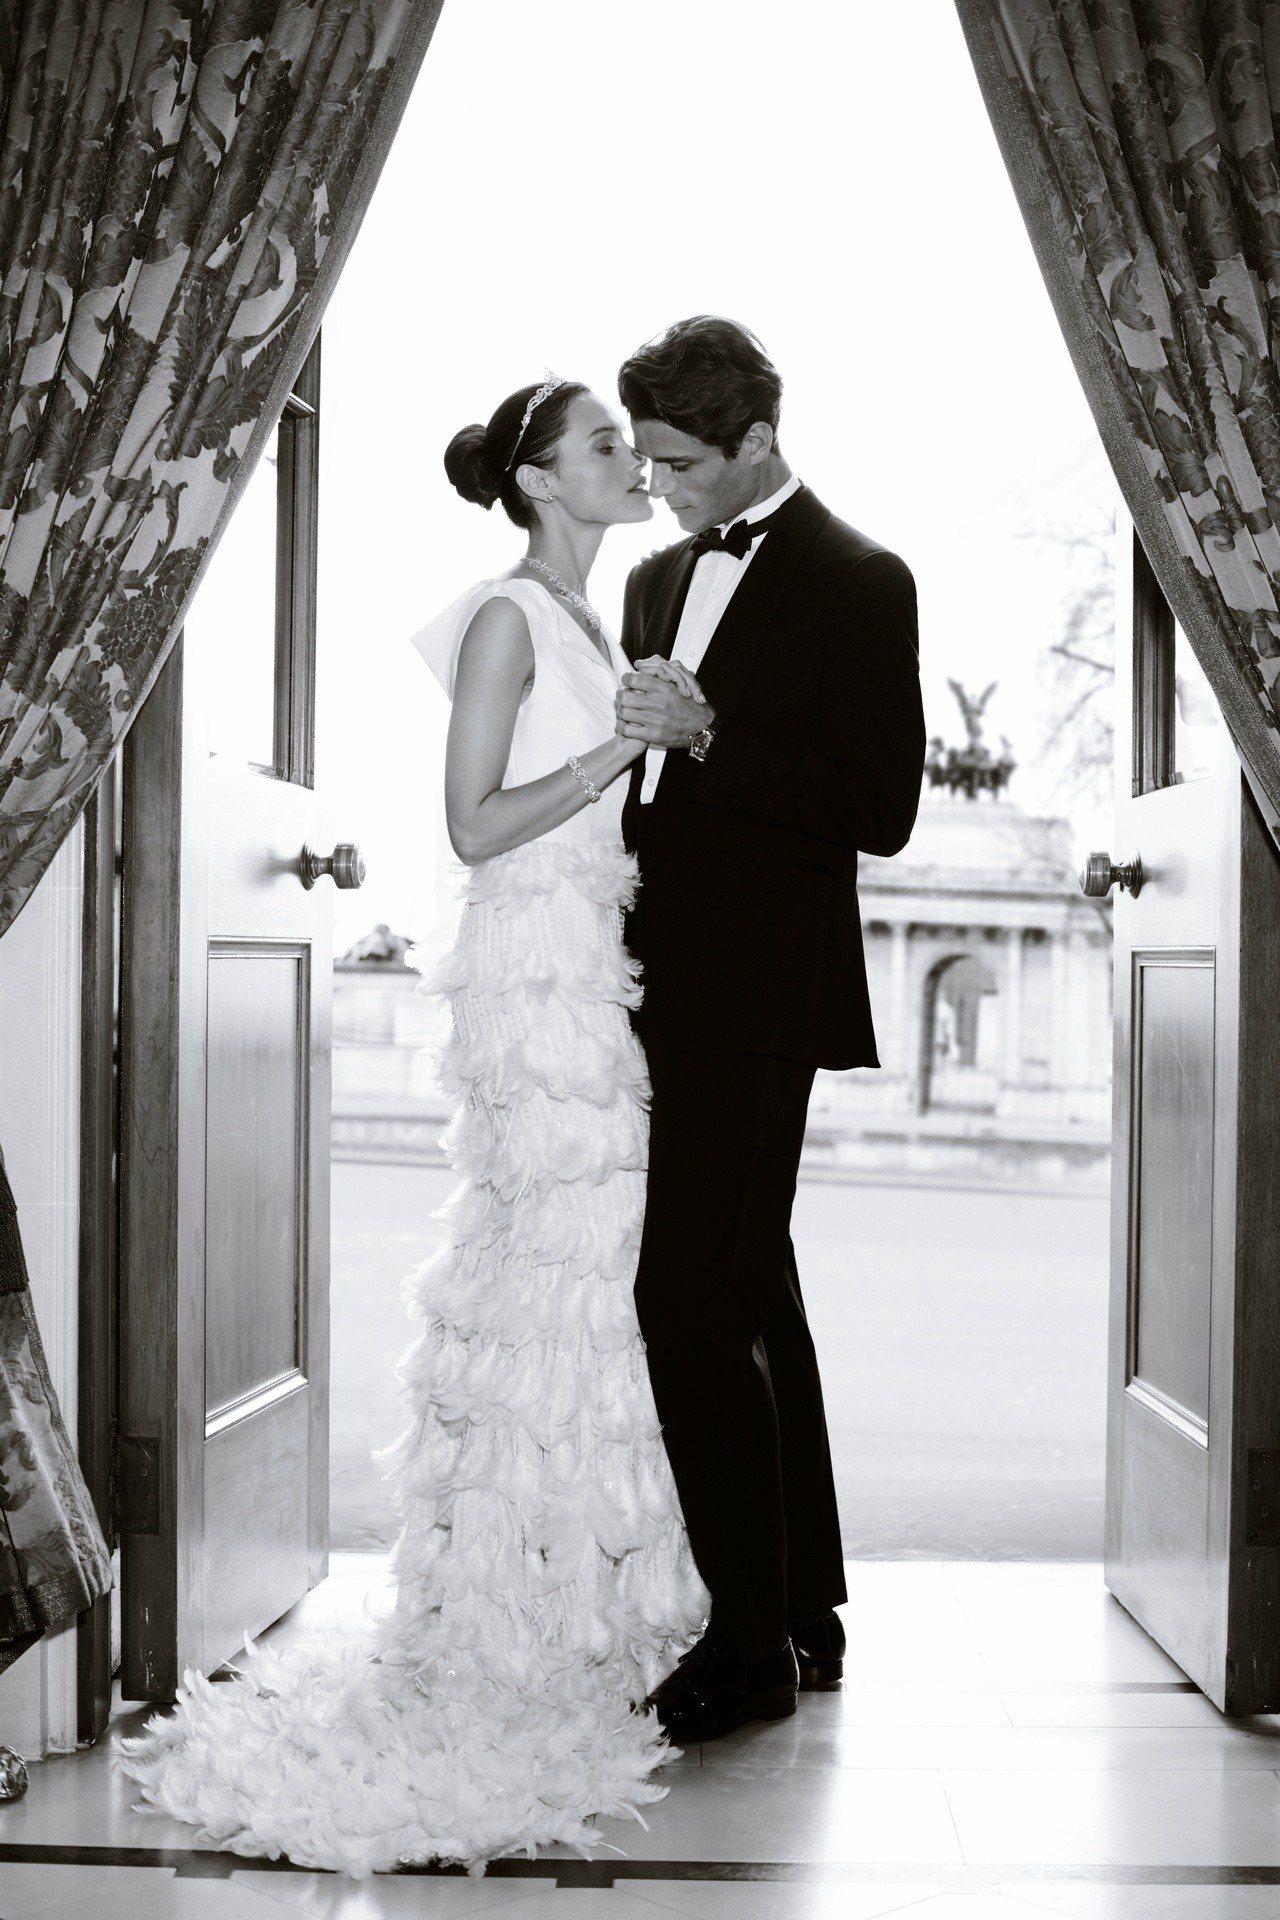 格拉夫於寶麗廣塲婚嫁珠寶展至4月3日止。圖/格拉夫提供